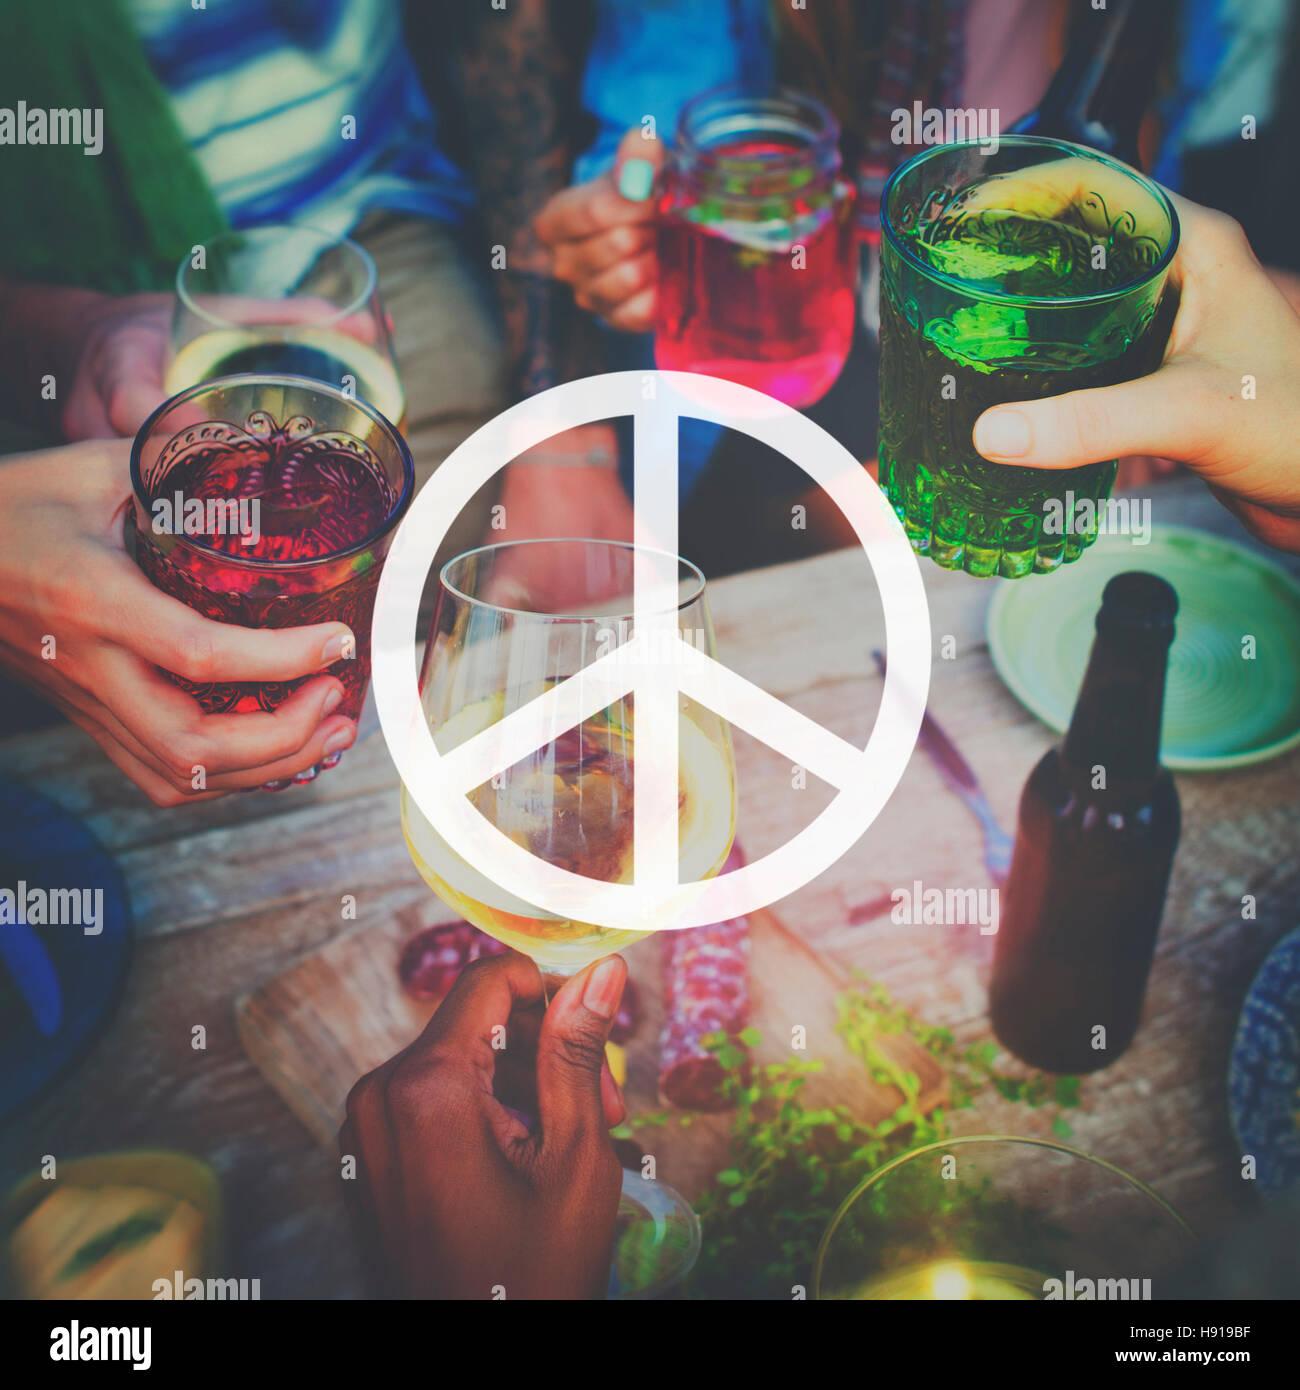 Libertad paz esperanza Amor Espiritual pacifista concepto Imagen De Stock